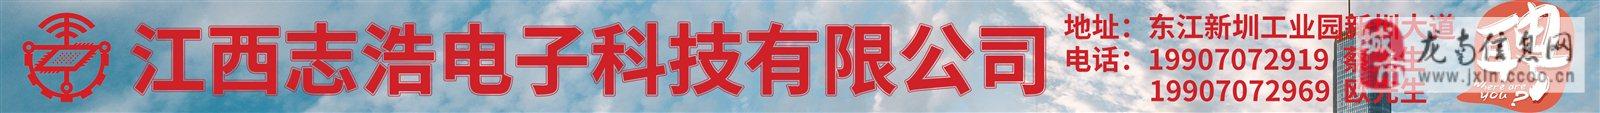 江西志浩�子科技有限公司